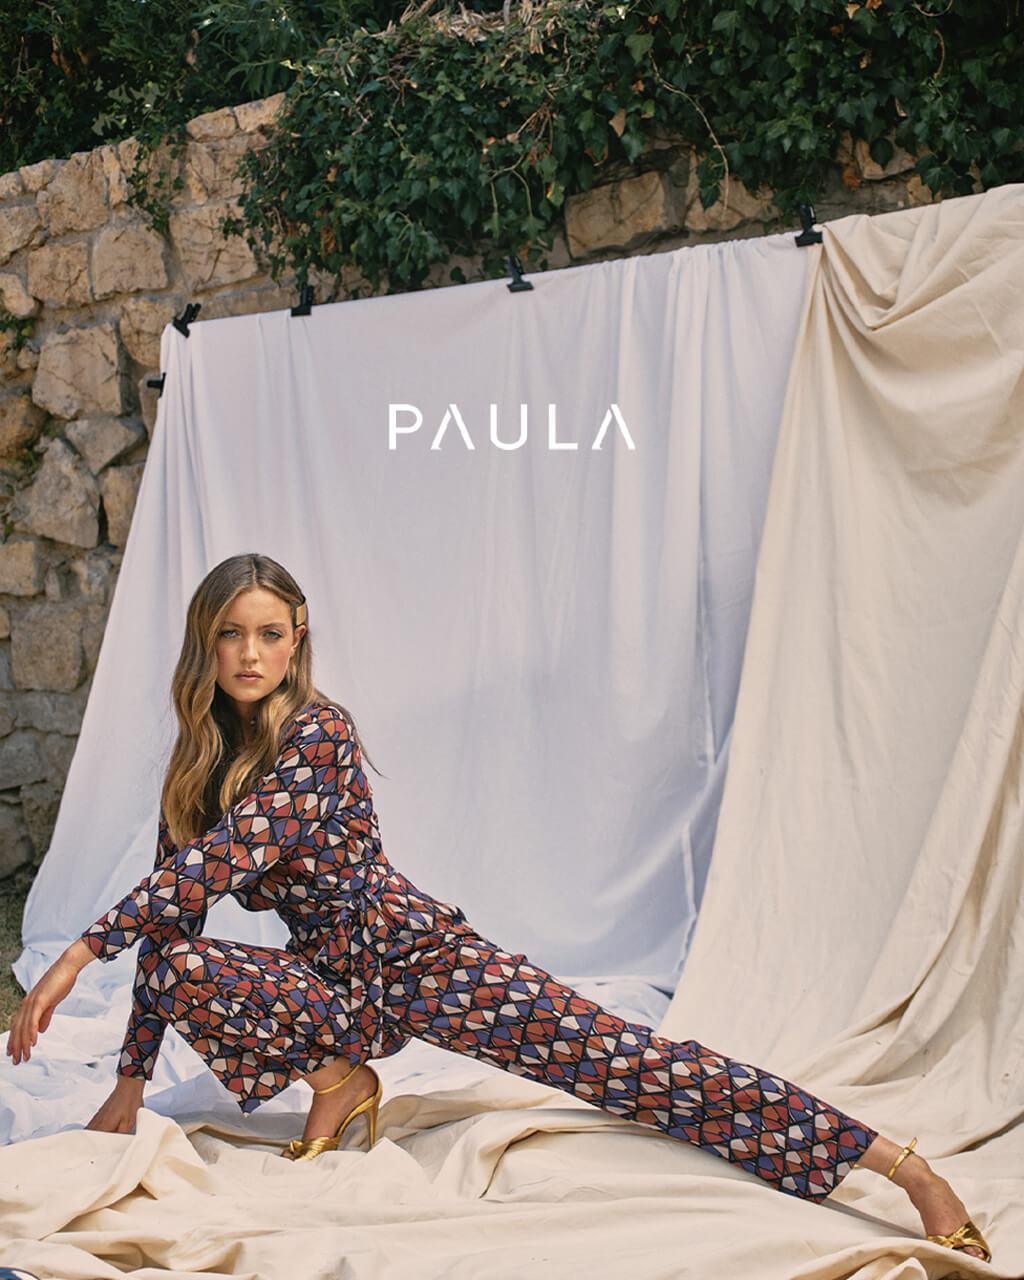 Maria Rosa - Meet Paula